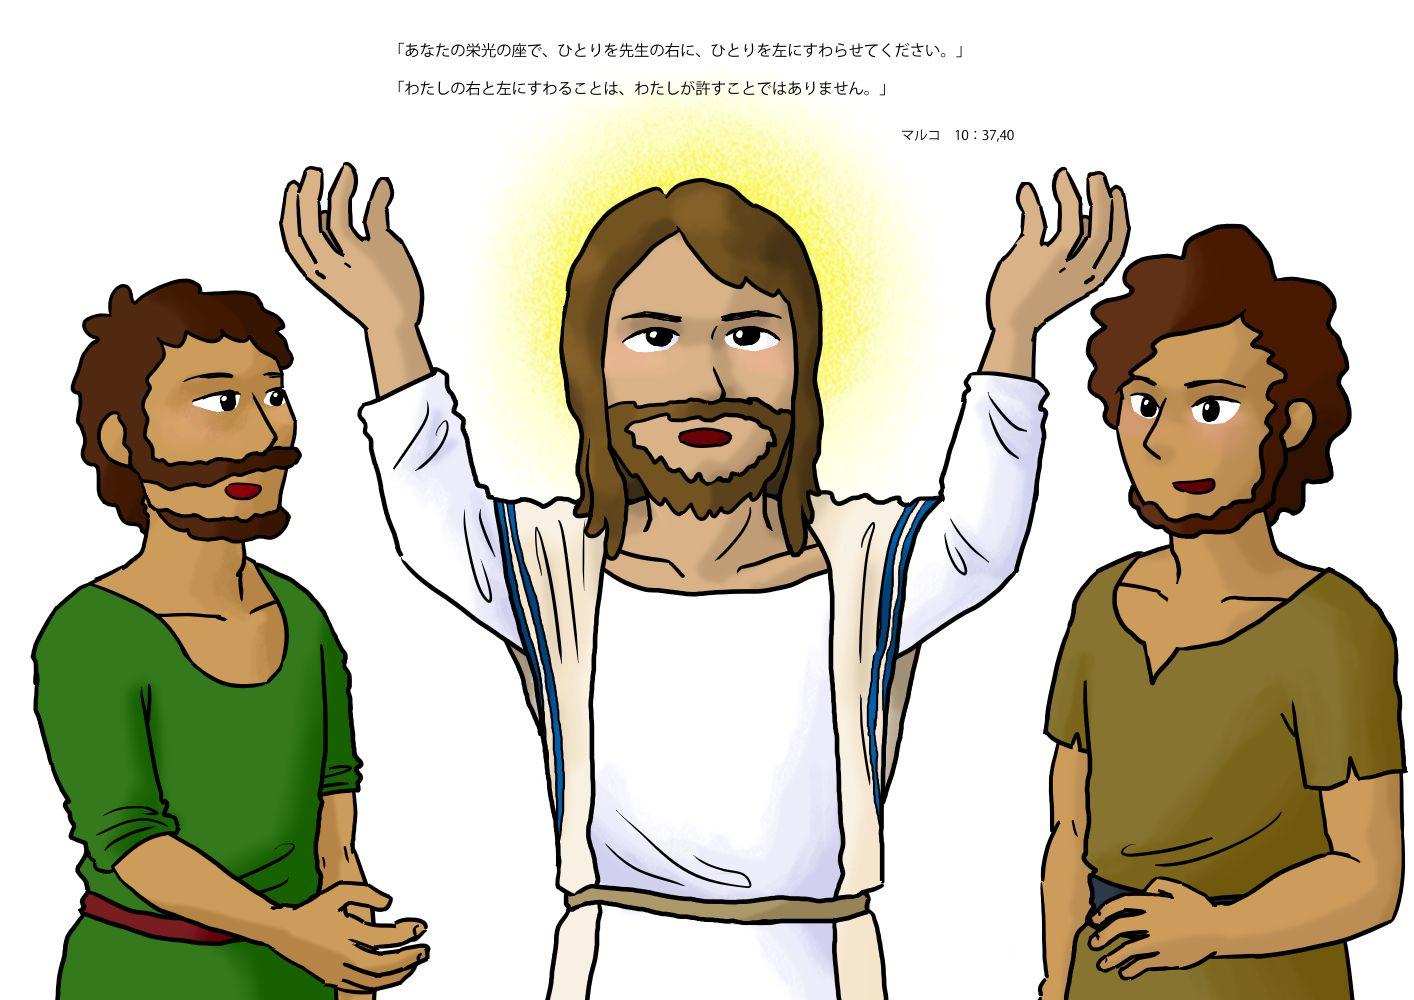 ヤコブとヨハネの頼み事